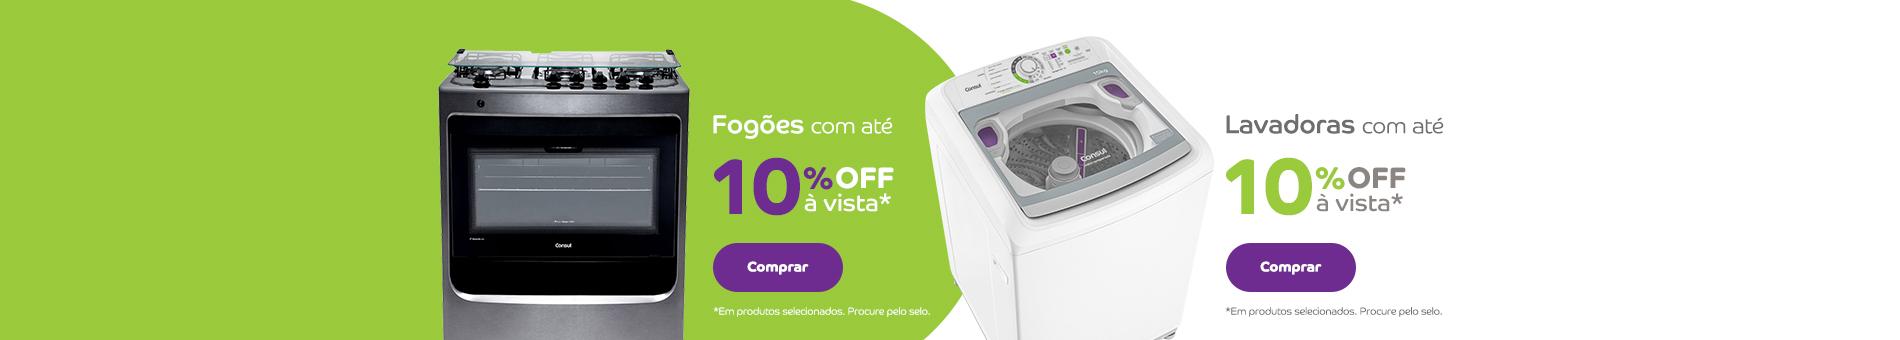 Promoção Interna - 2153 - camp-ehoje_fogões-lavadoras-duplo_18102017_home4 - fogões-lavadoras-duplo - 4